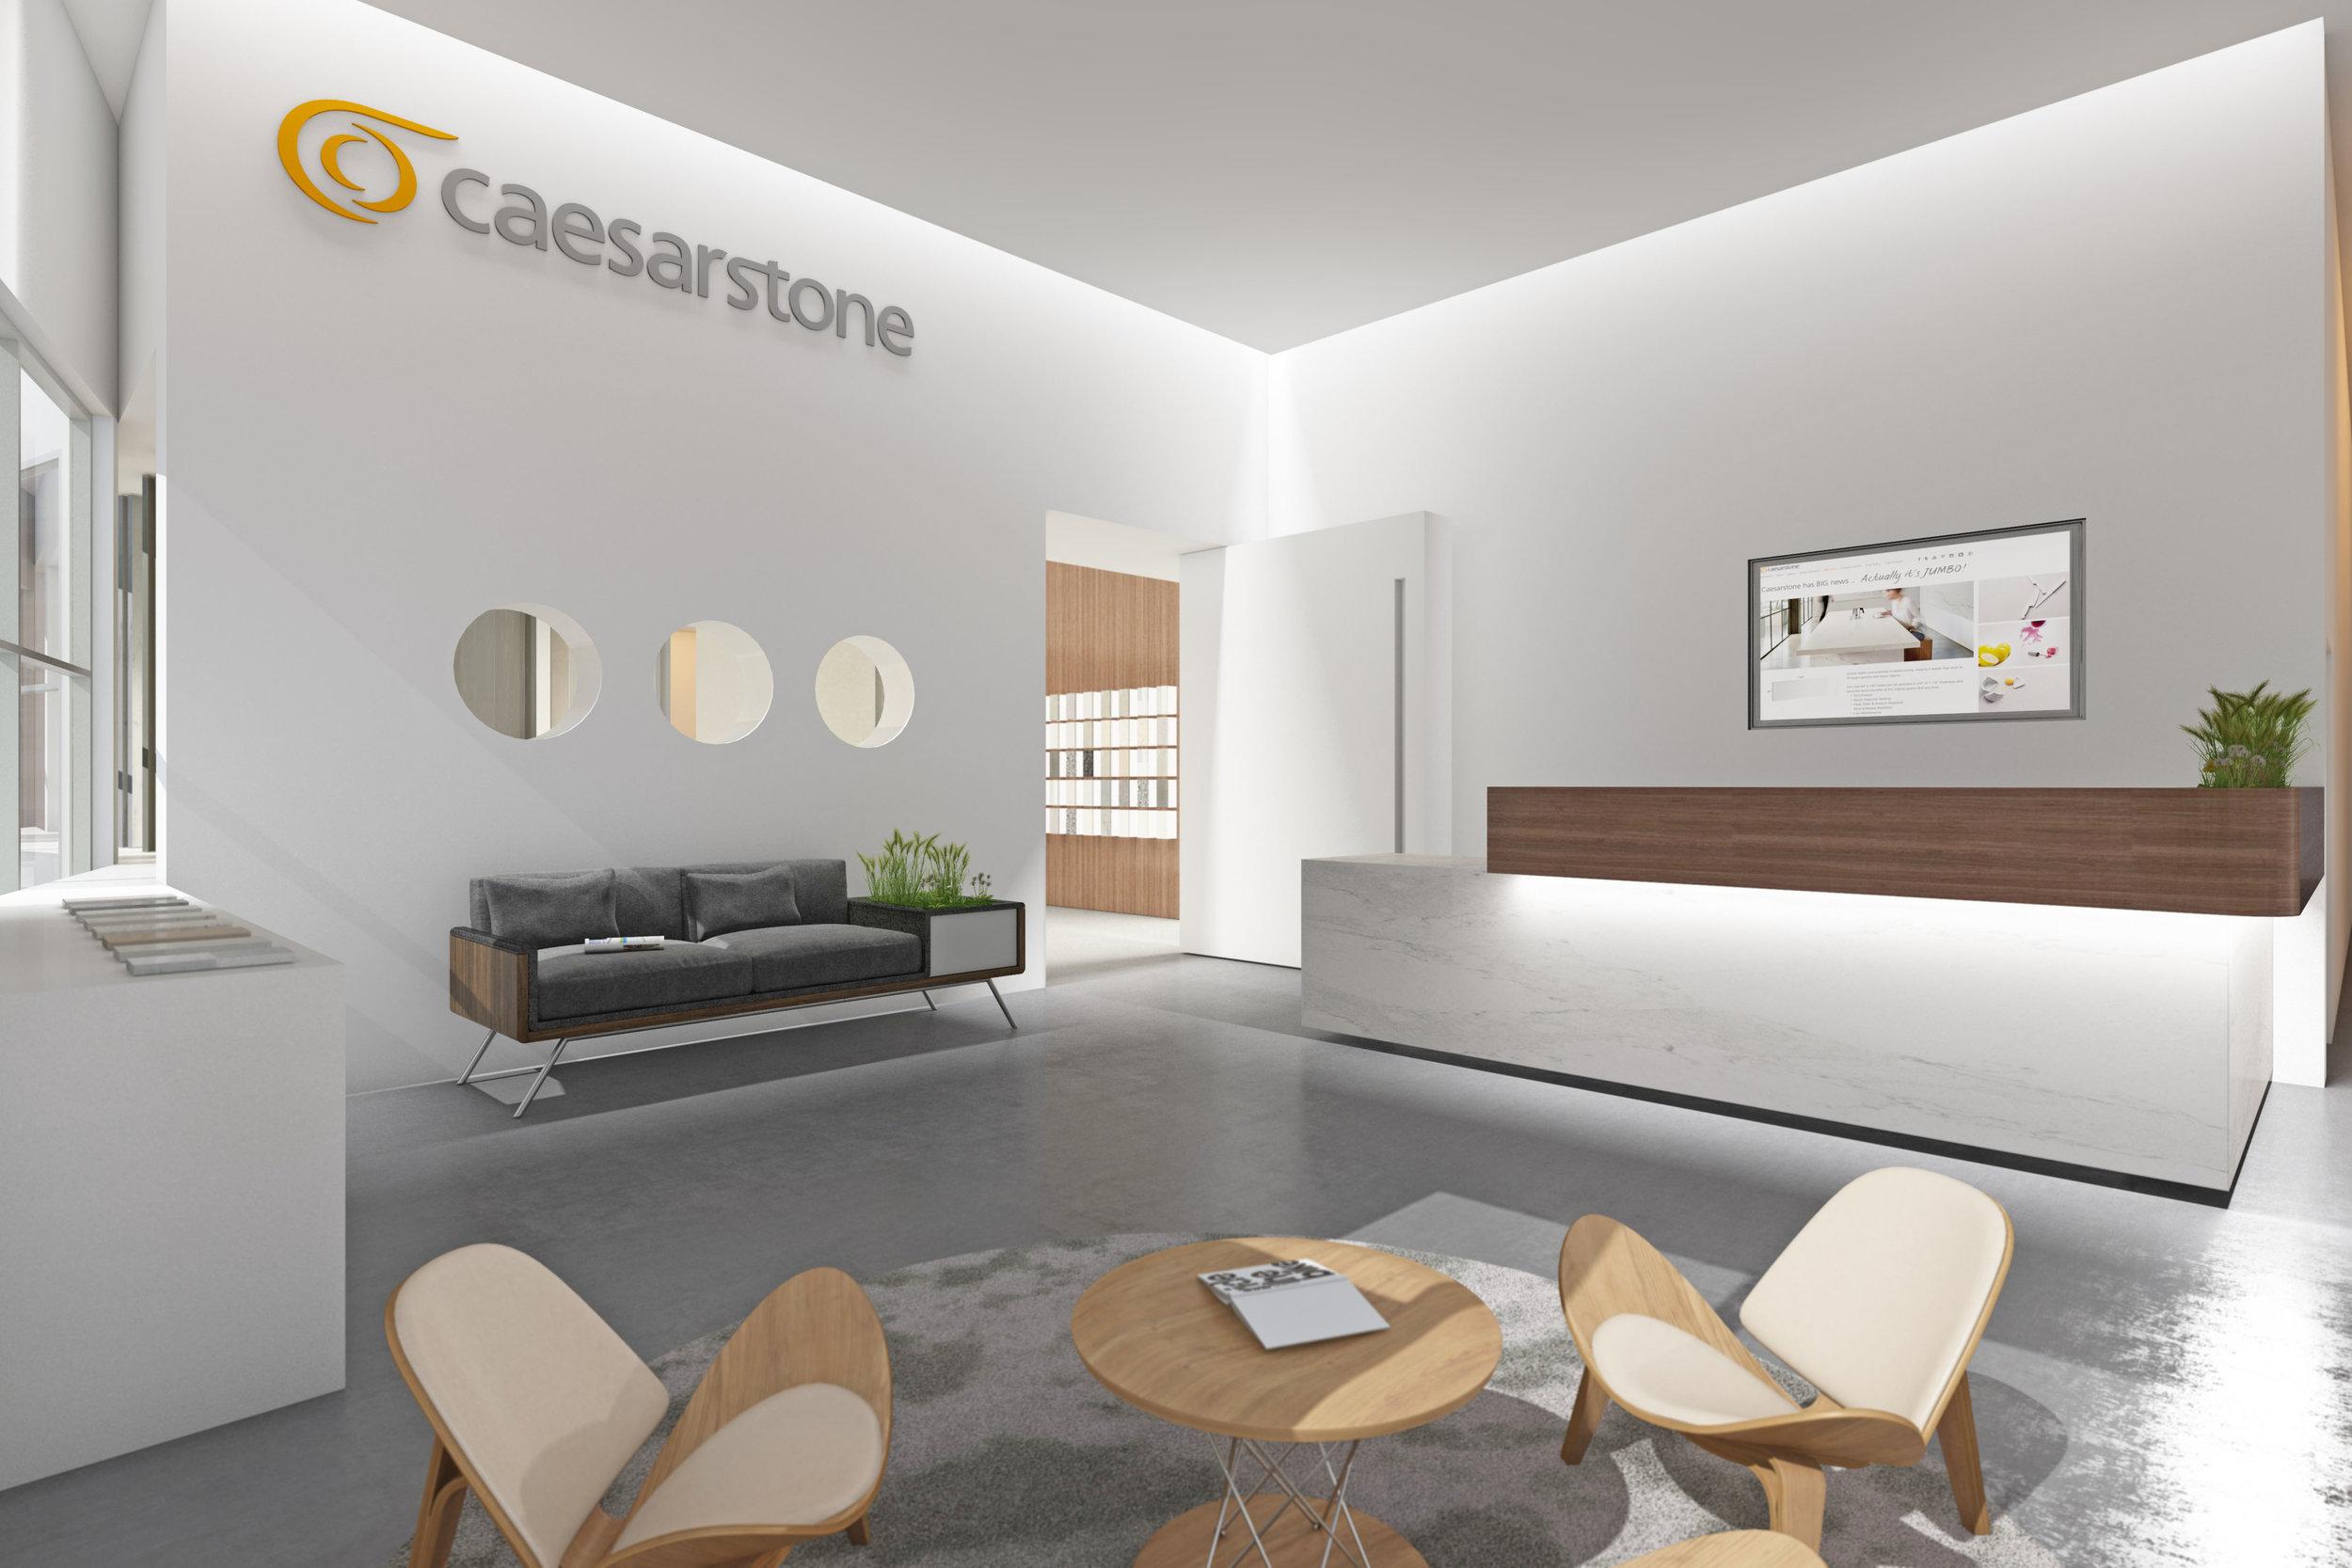 Interior_07a.jpg